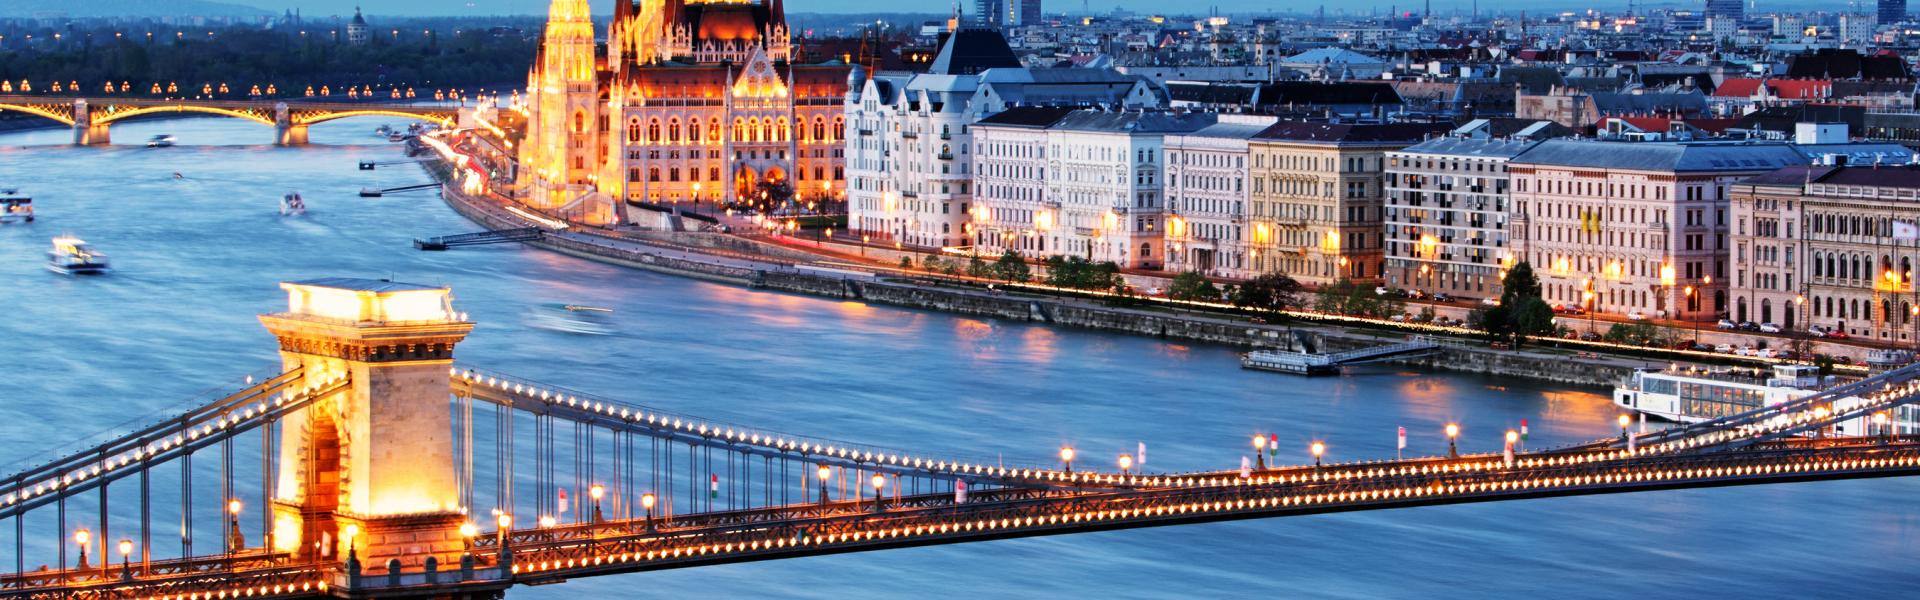 Flug Budapest: Flüge & Billigflüge nach Budapest günstig online ...